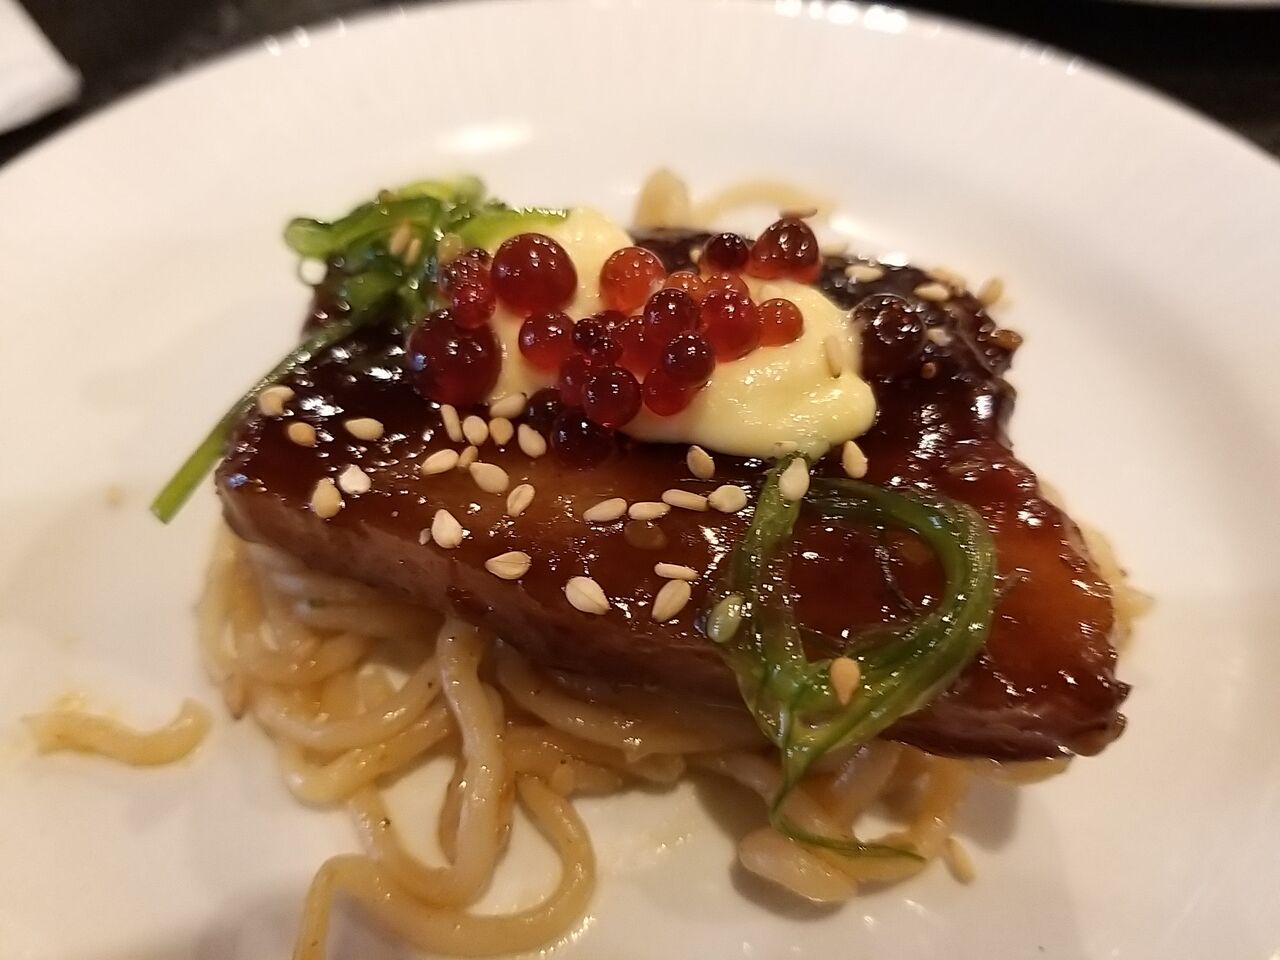 Tapa de panceta asada a baja temperatura con fideos kimchi, alga wakame, alioli cítrico y perlas de vermú macerado con fresas